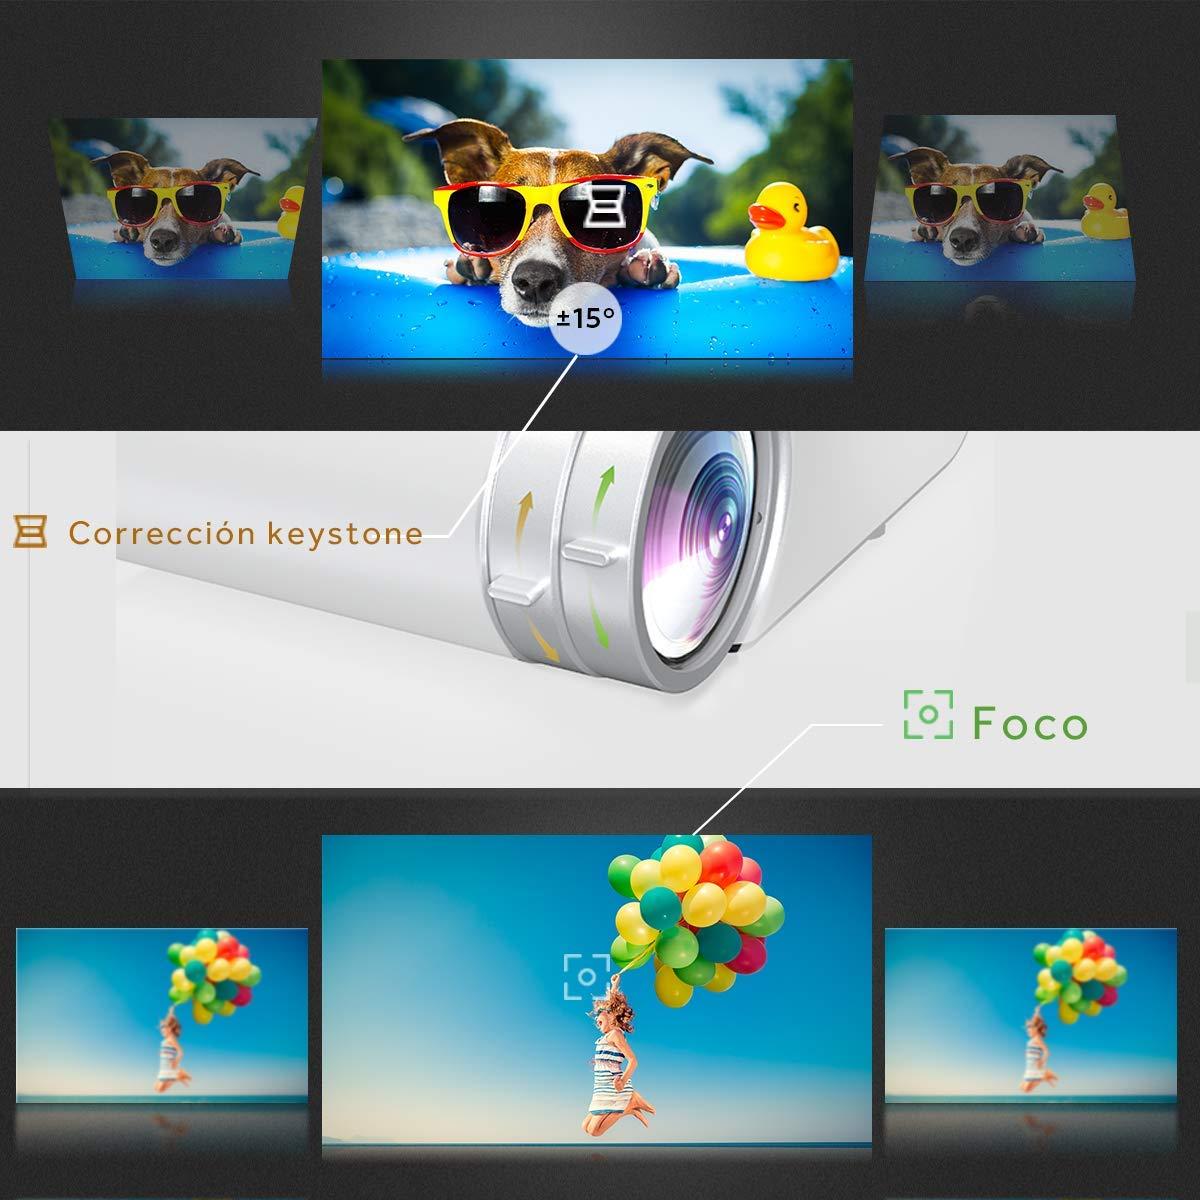 Proiettore Vamvo Videoproiettore Portatile USB Compatibile con HDMI VGA Proiettore Cinematografico allAperto 4000 Lumens con 50,000 Ore Display da 200 Full HD 1080P Supportato AV etc.